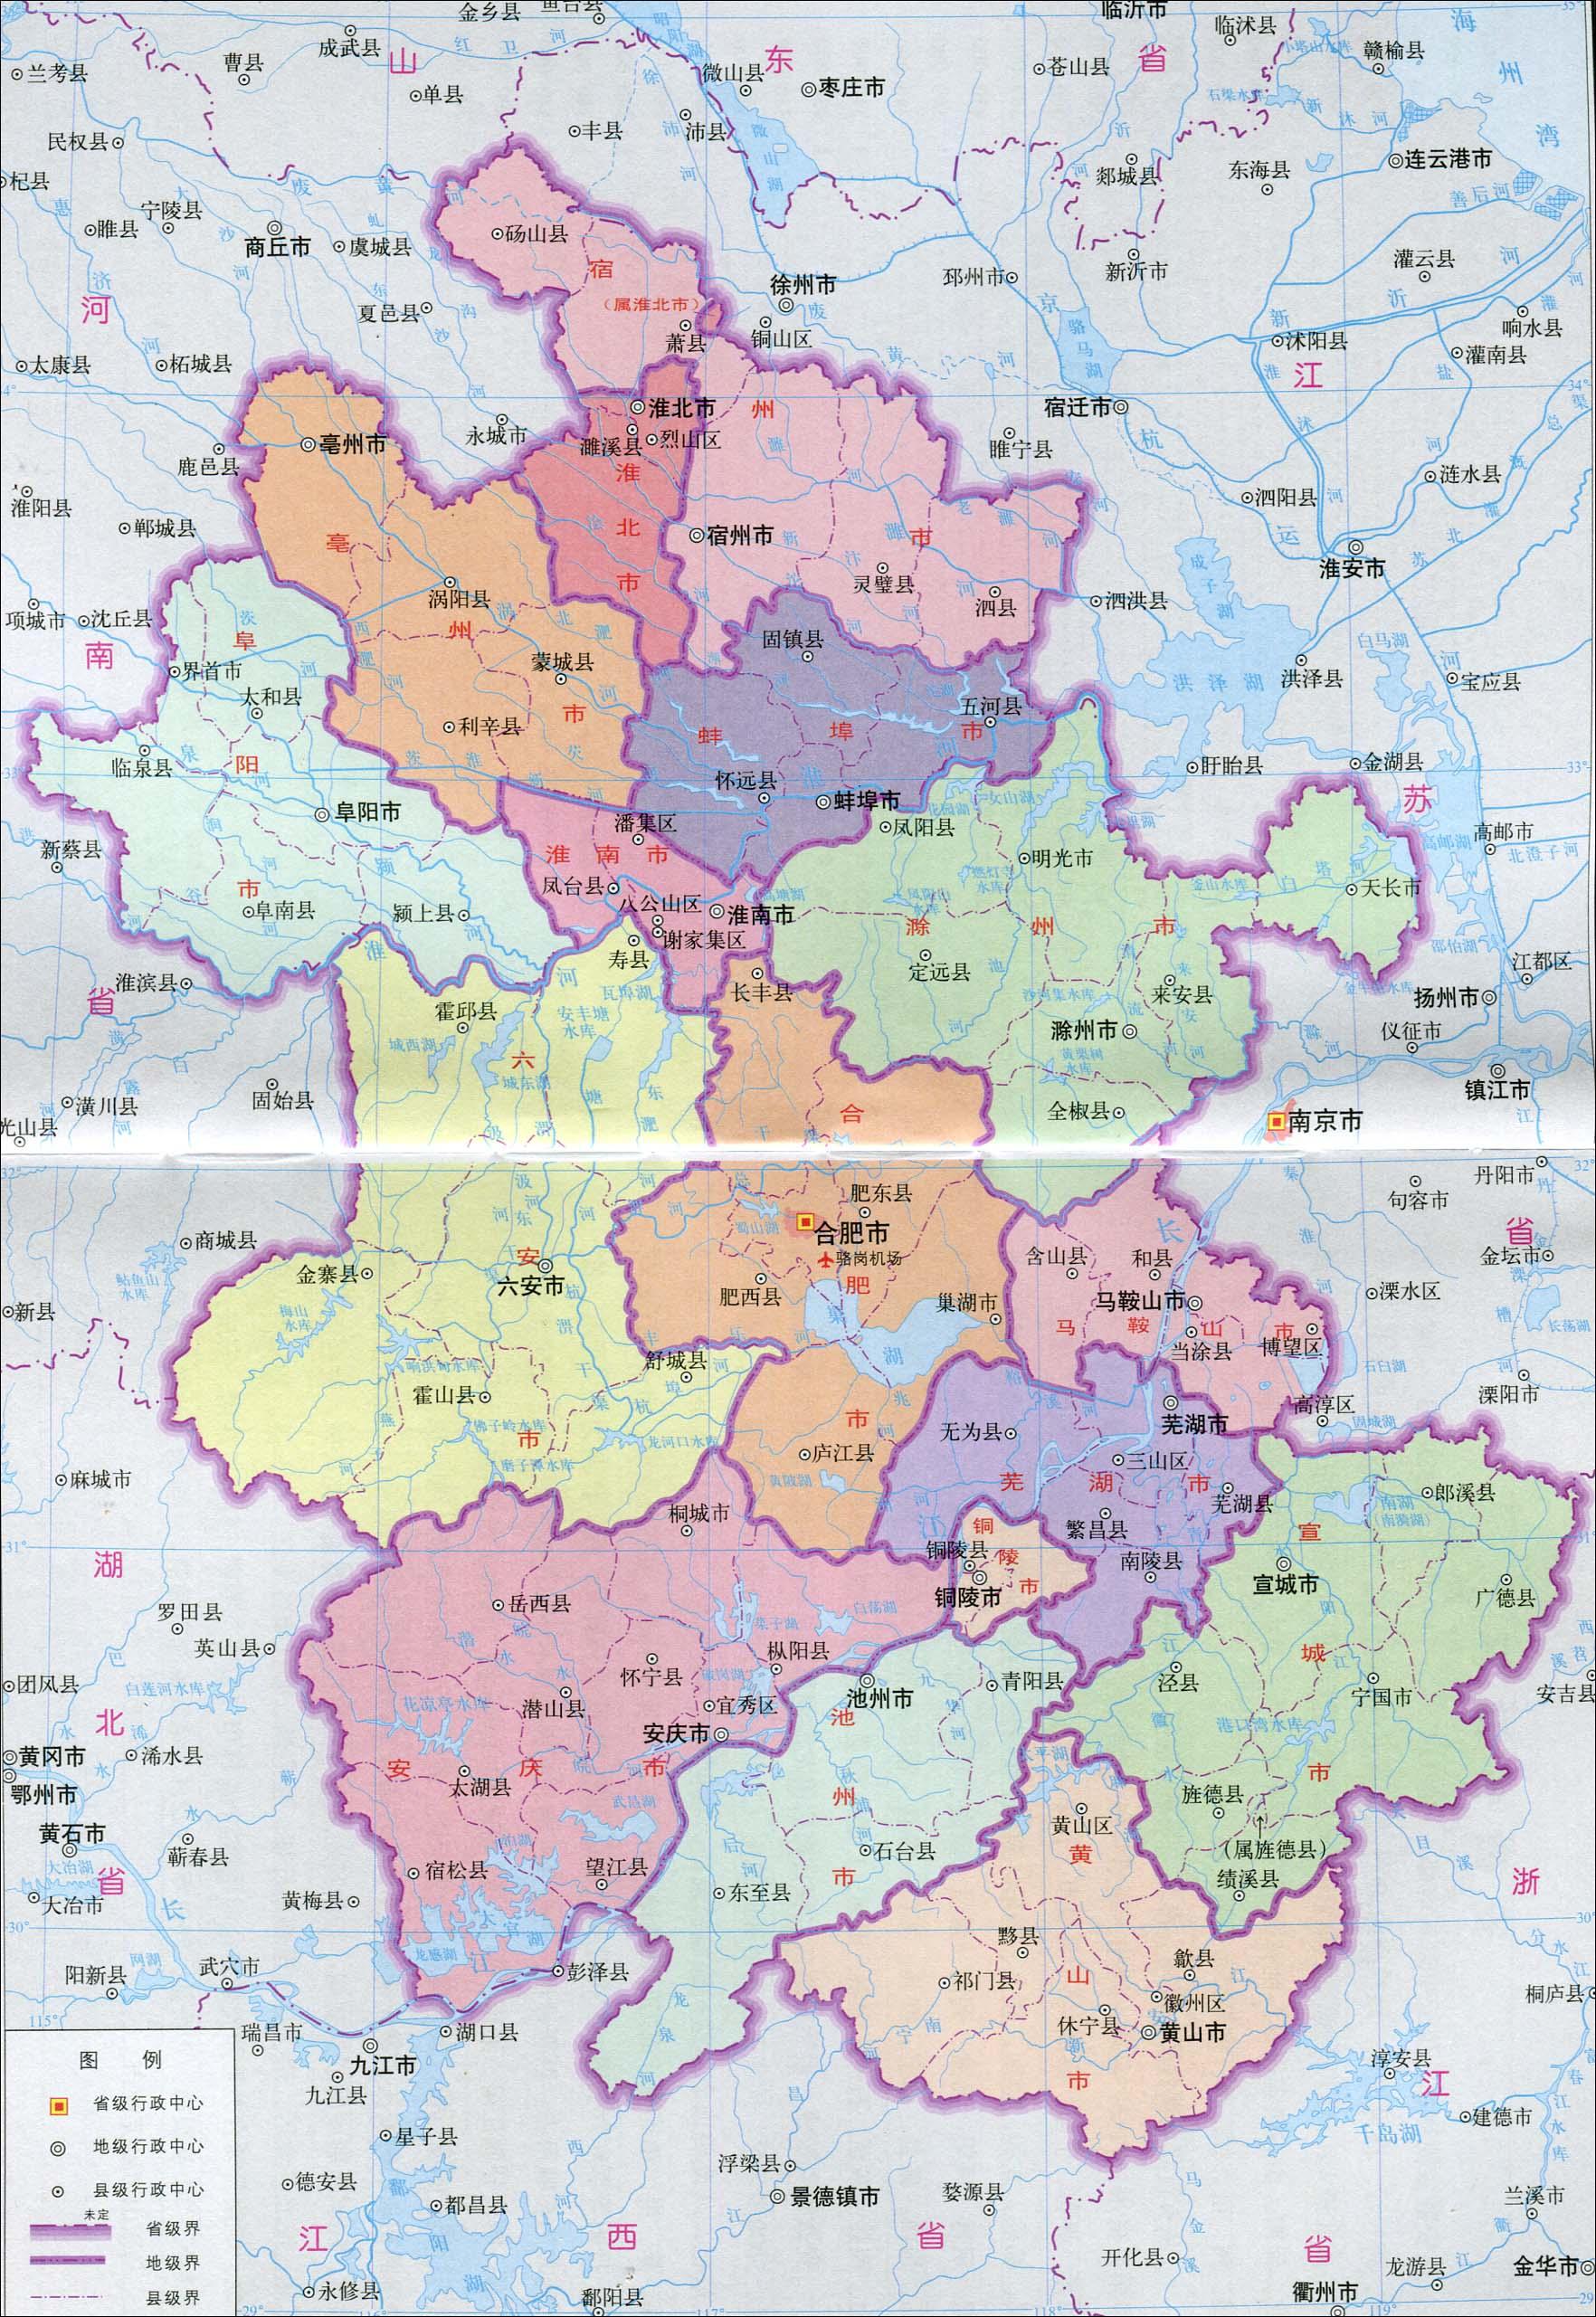 青岛市崂山区青大一路地图